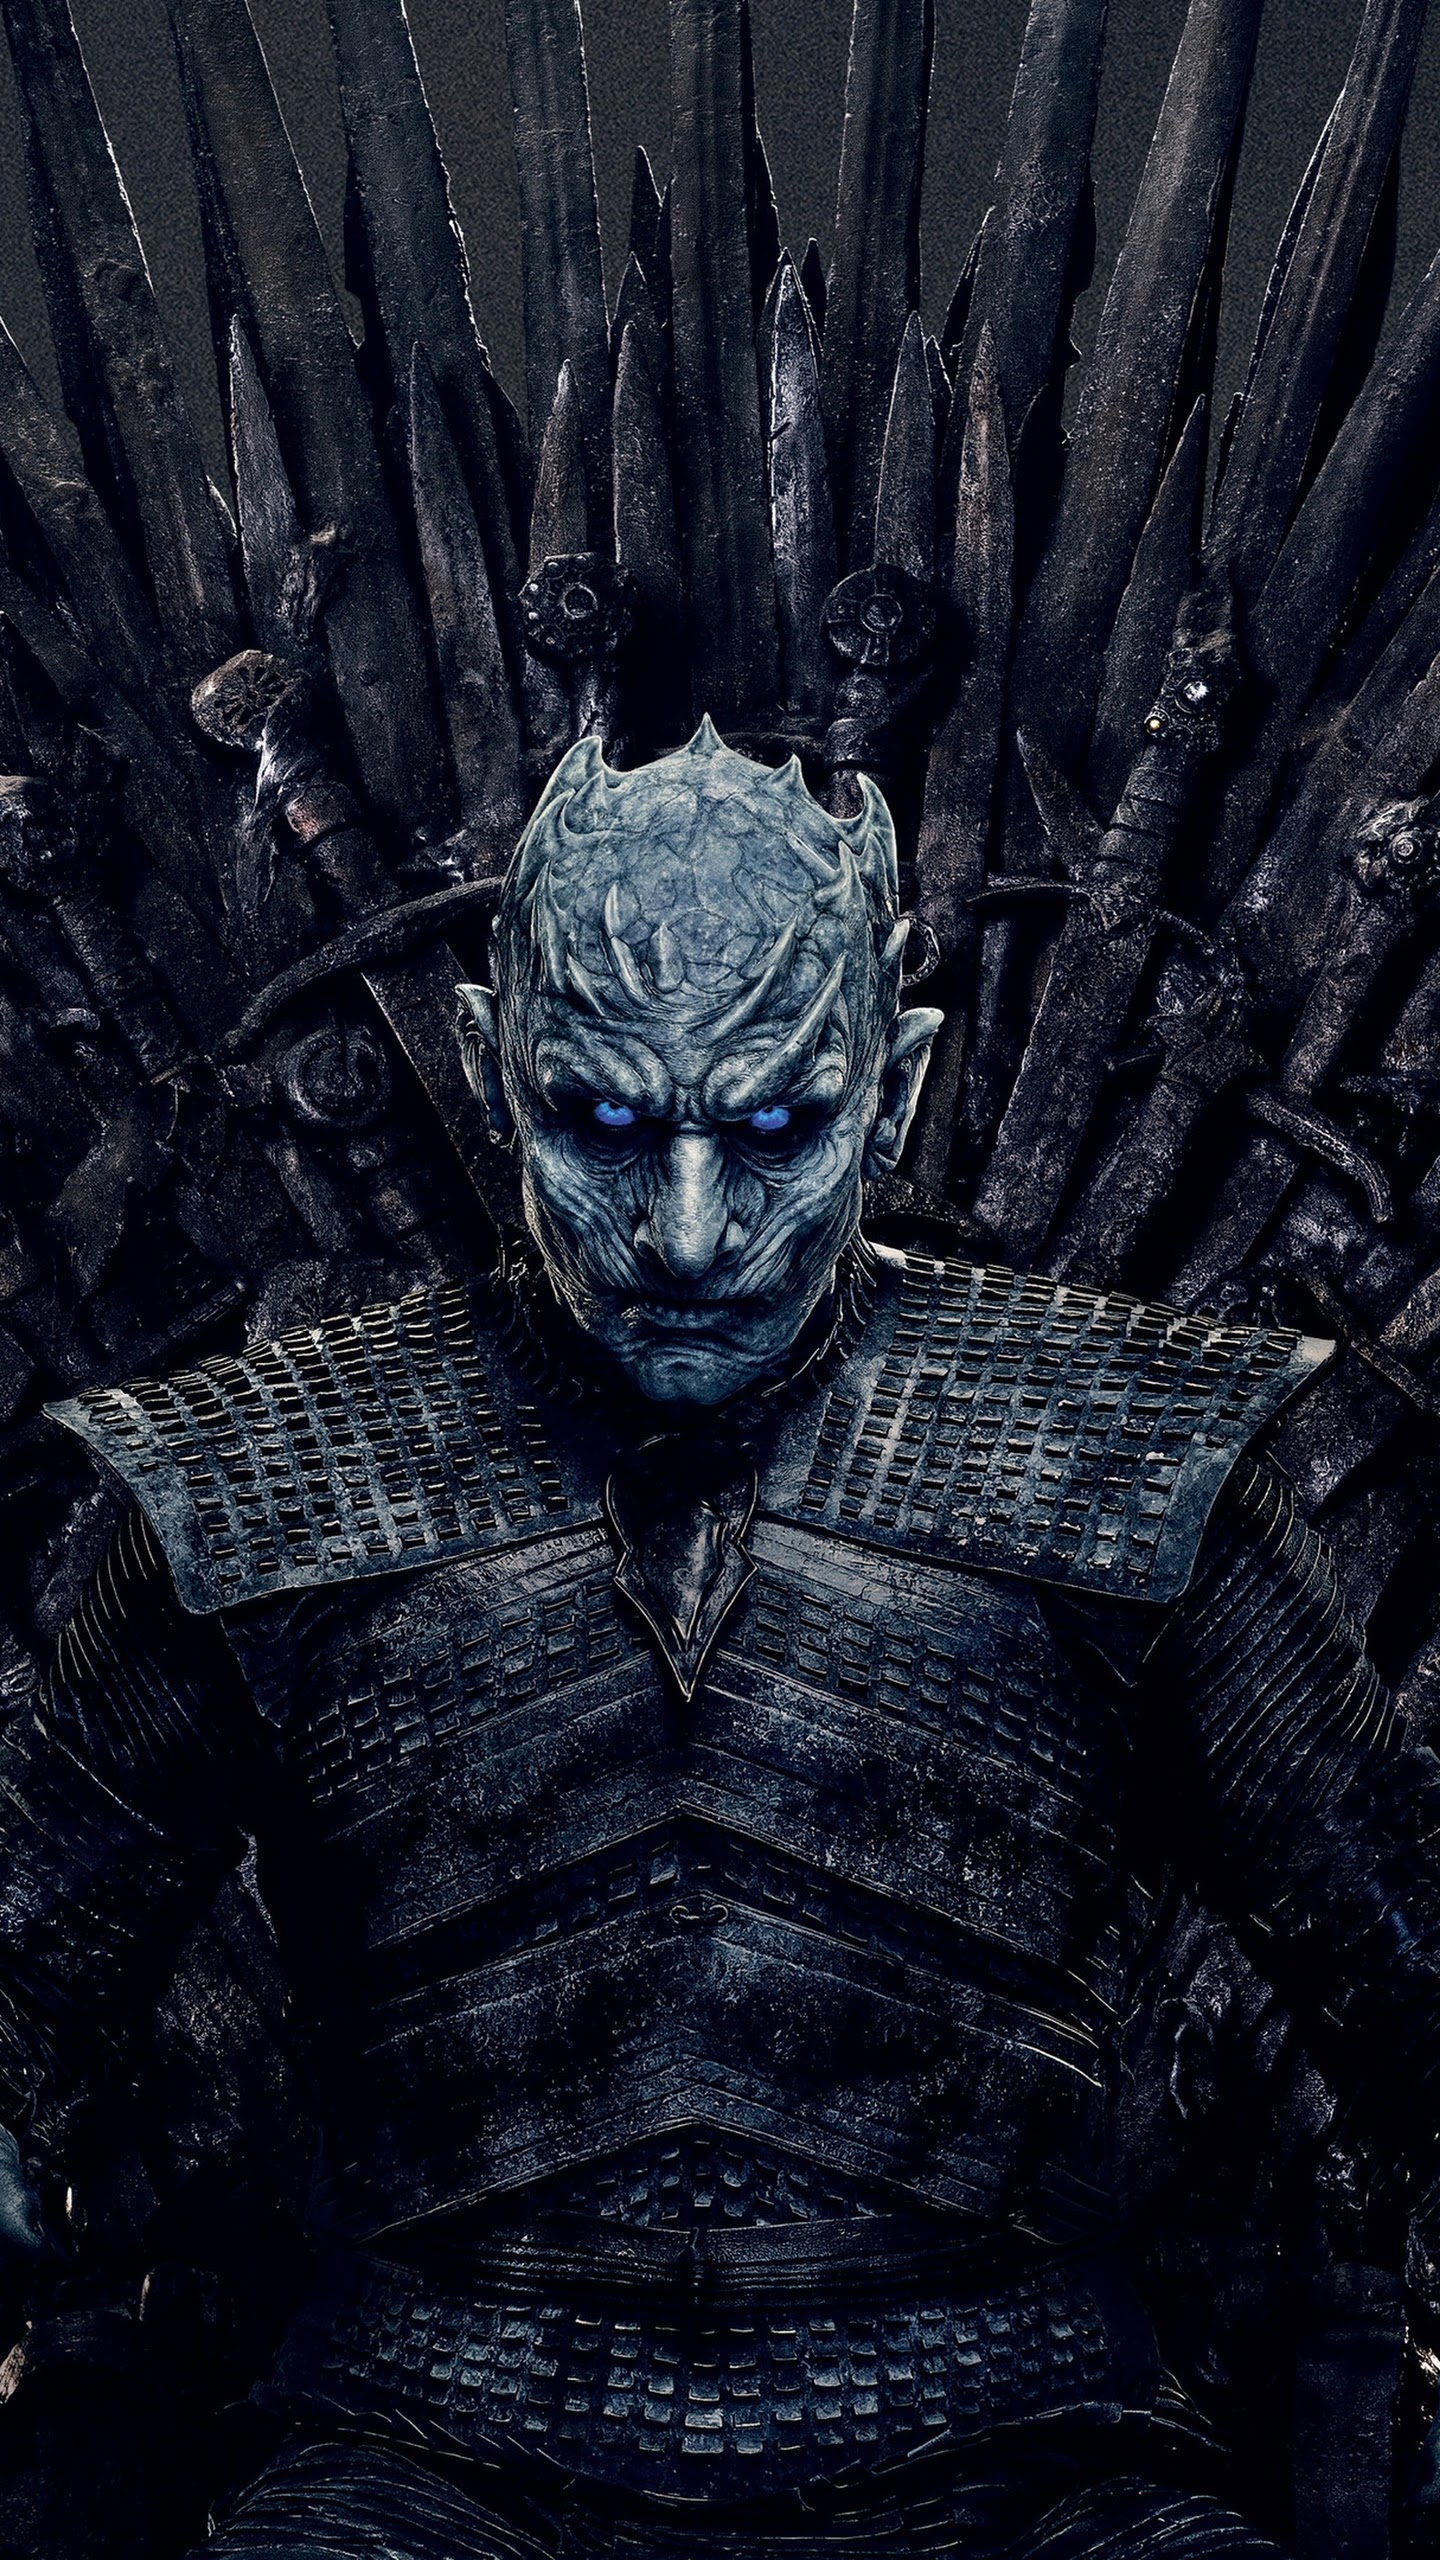 Night King Game Of Thrones Season 8 4k Wallpaper 65